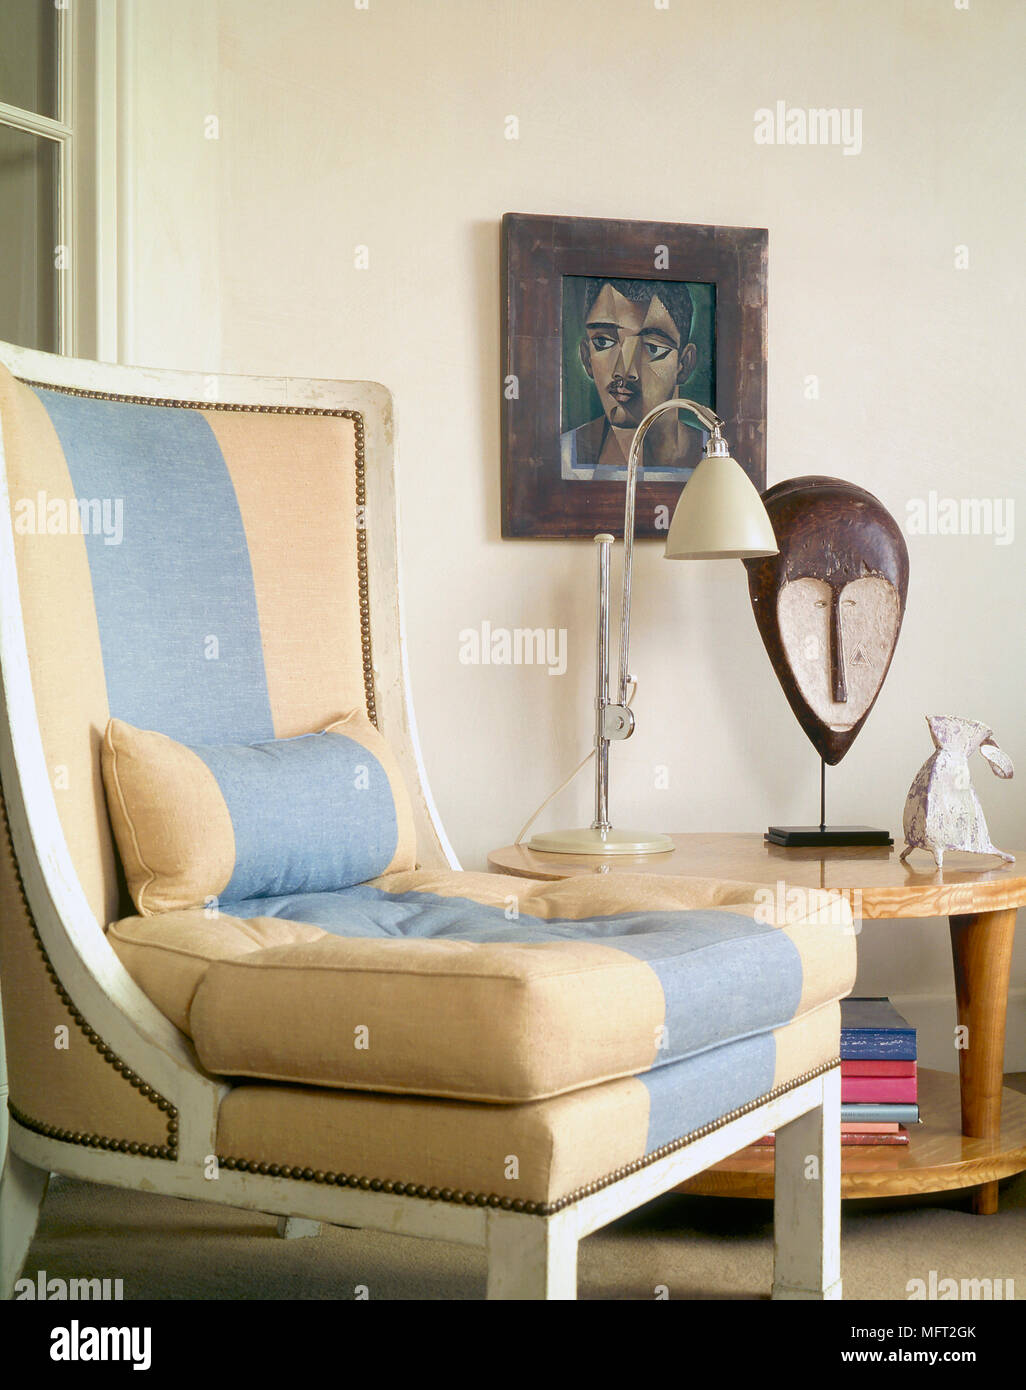 Un Détail Du0027un Salon Moderne Avec Chaise En Bois Peint, Tissu Rayé, Retro,  Table, Lampe